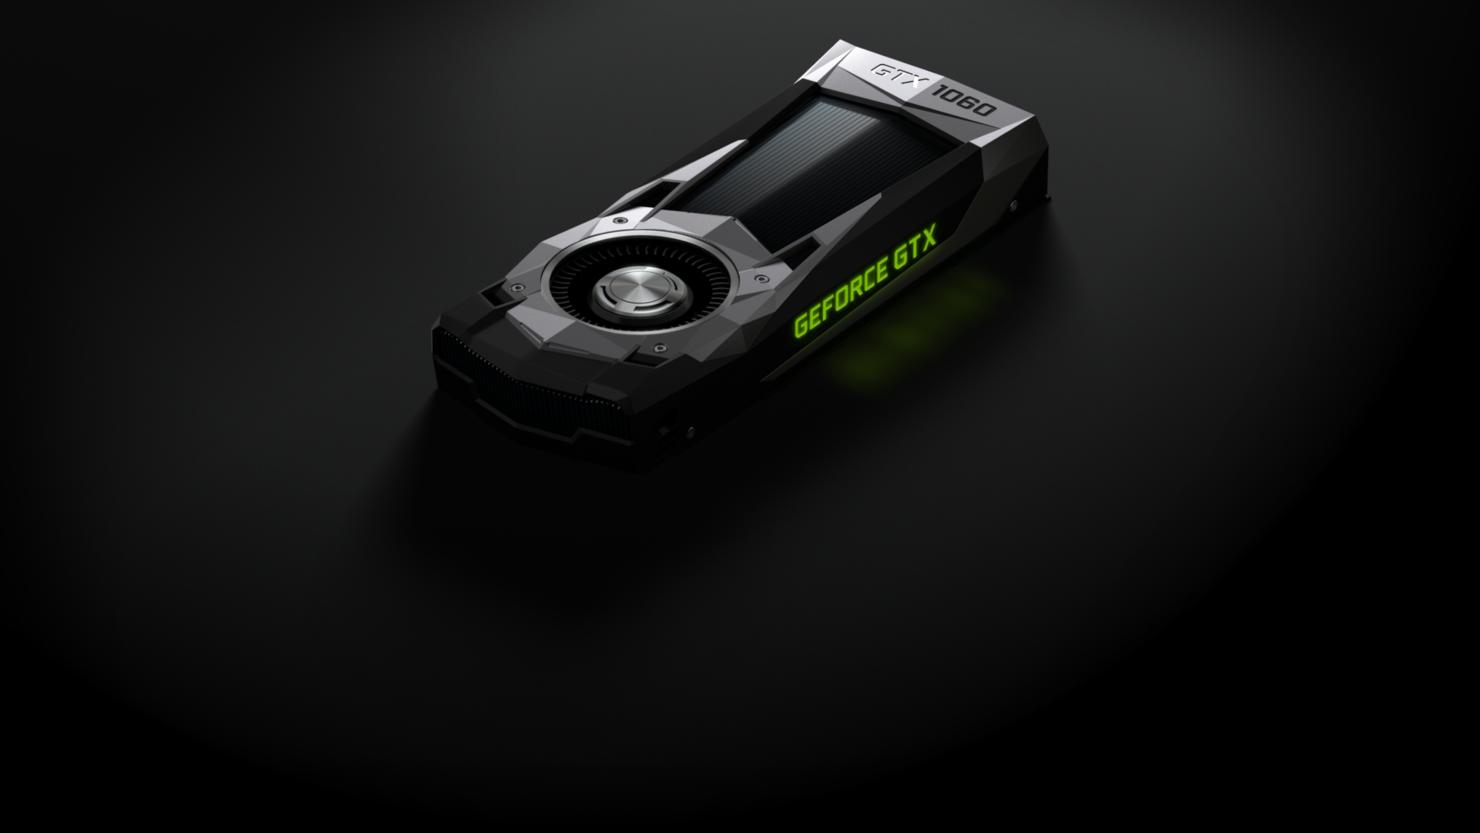 nvidia-geforce-gtx-1060-official_2-custom